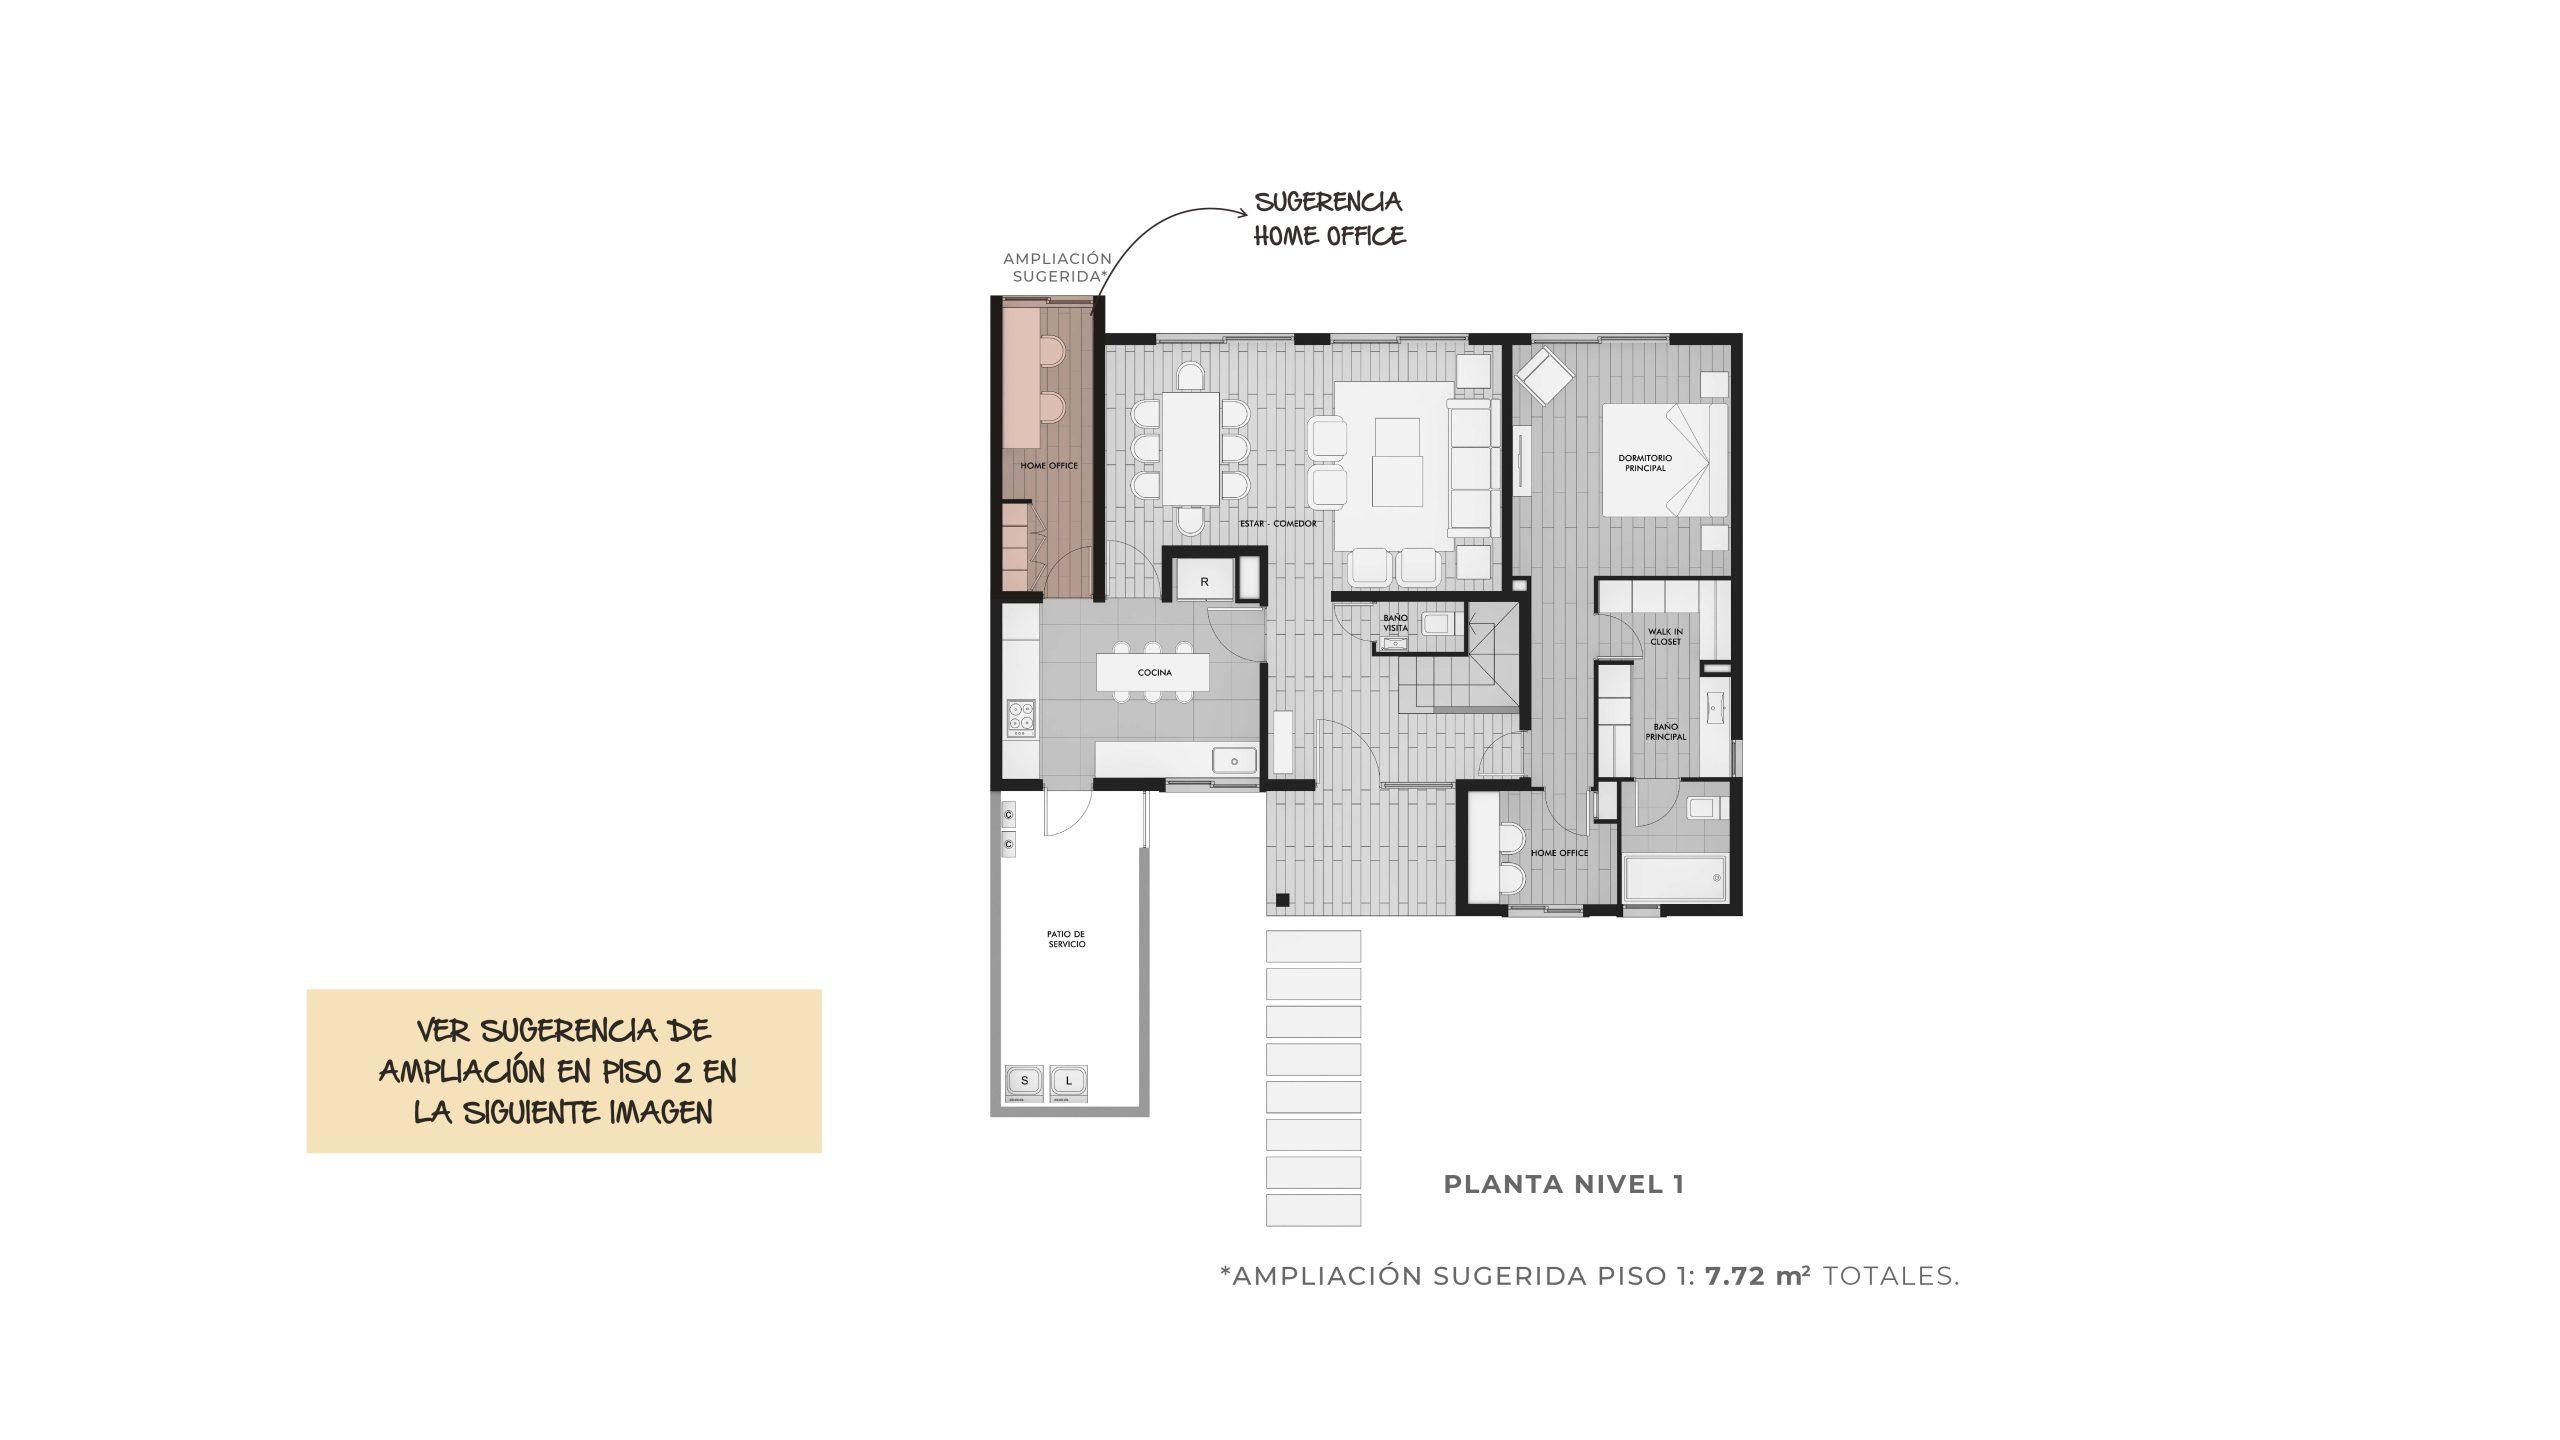 Las Calandrias Condominio Los Nidales - Casa Caburga